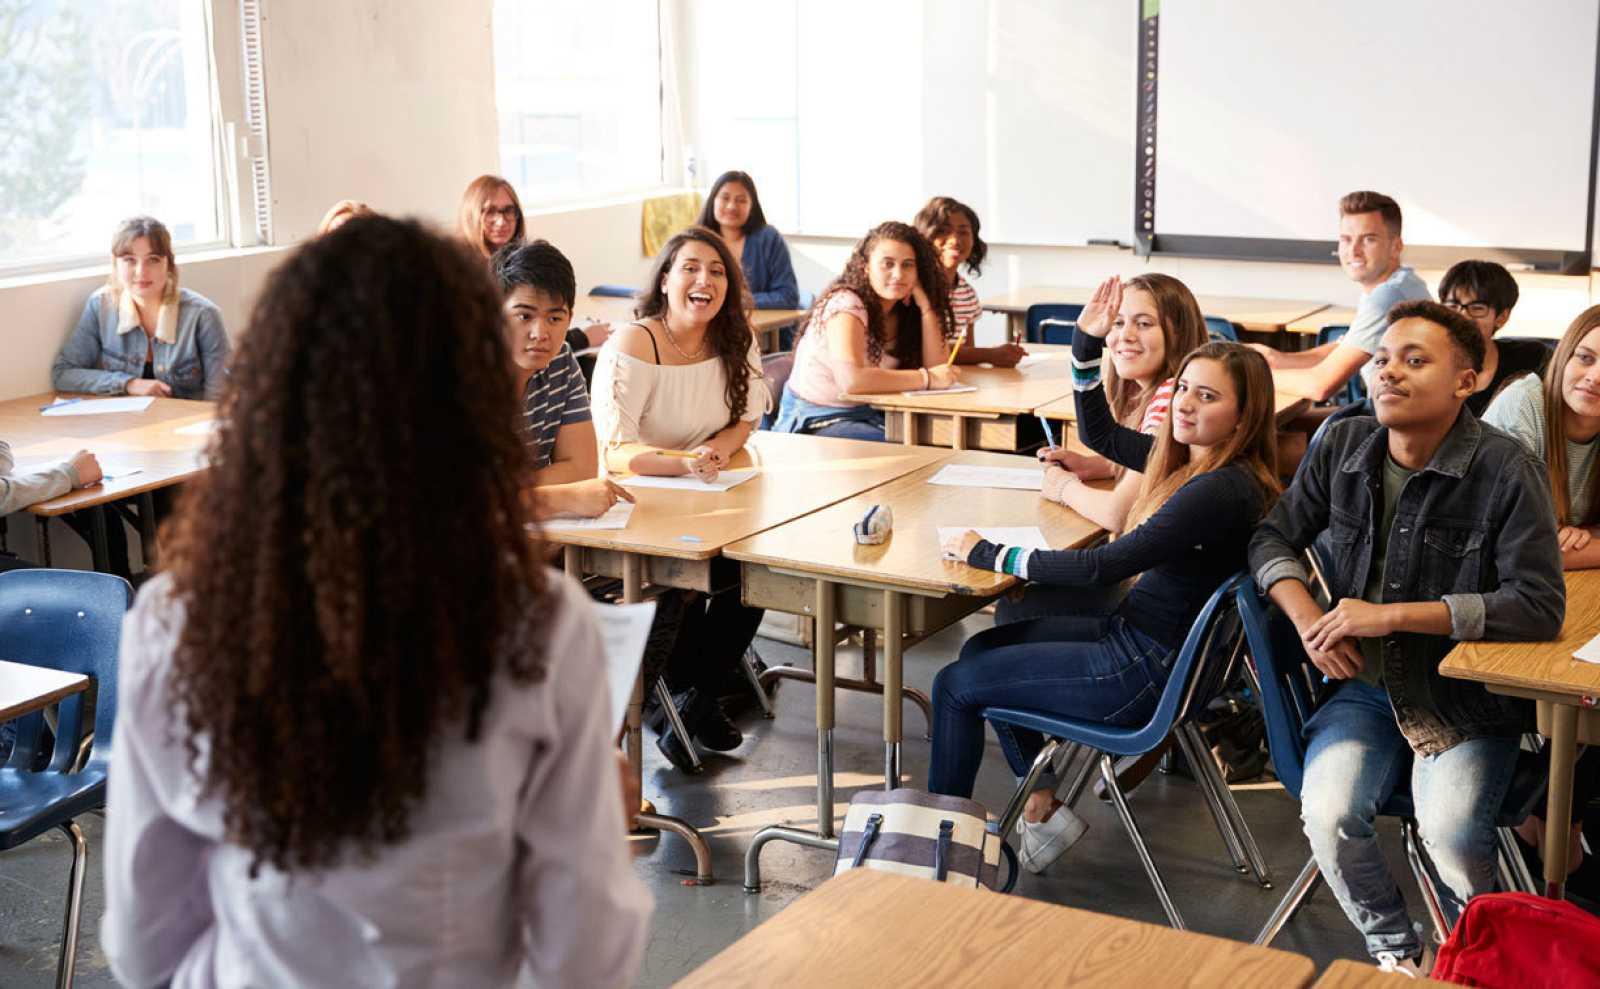 Una profesora imparte clase a un grupo de adolescentes en el aula.